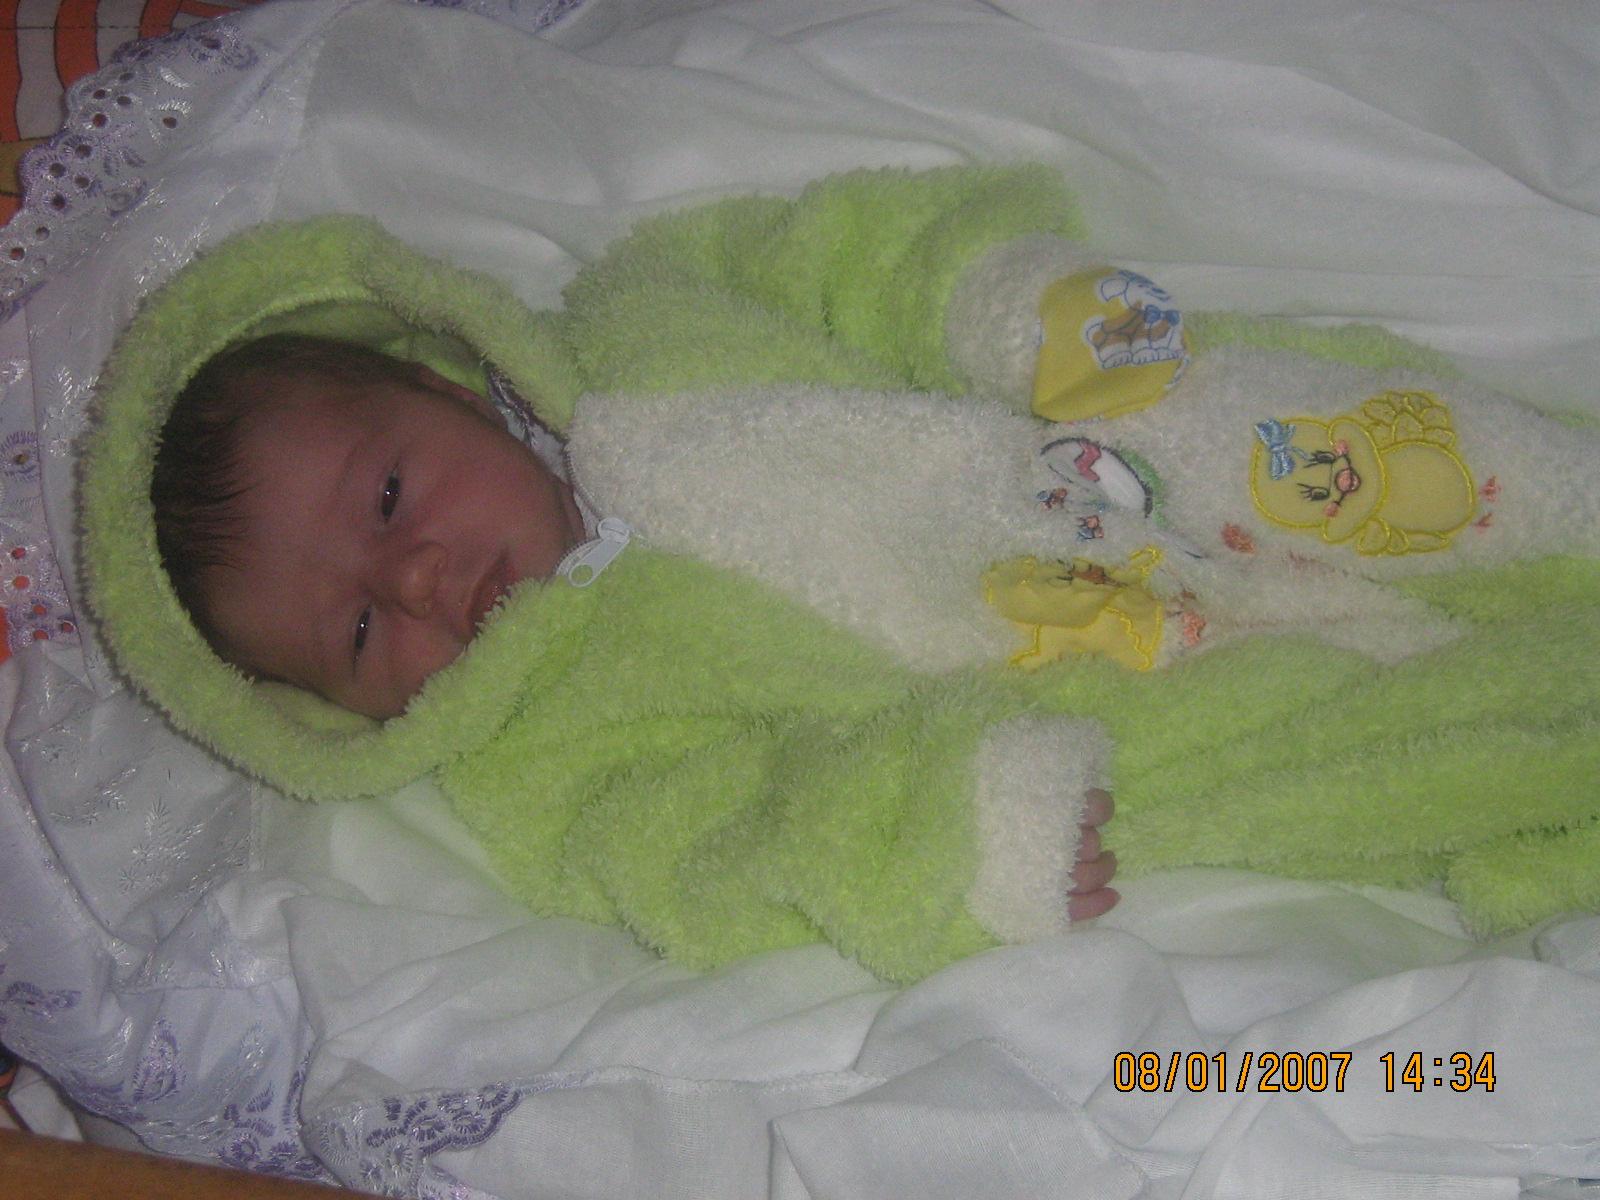 Фото ребенка из роддома зимой